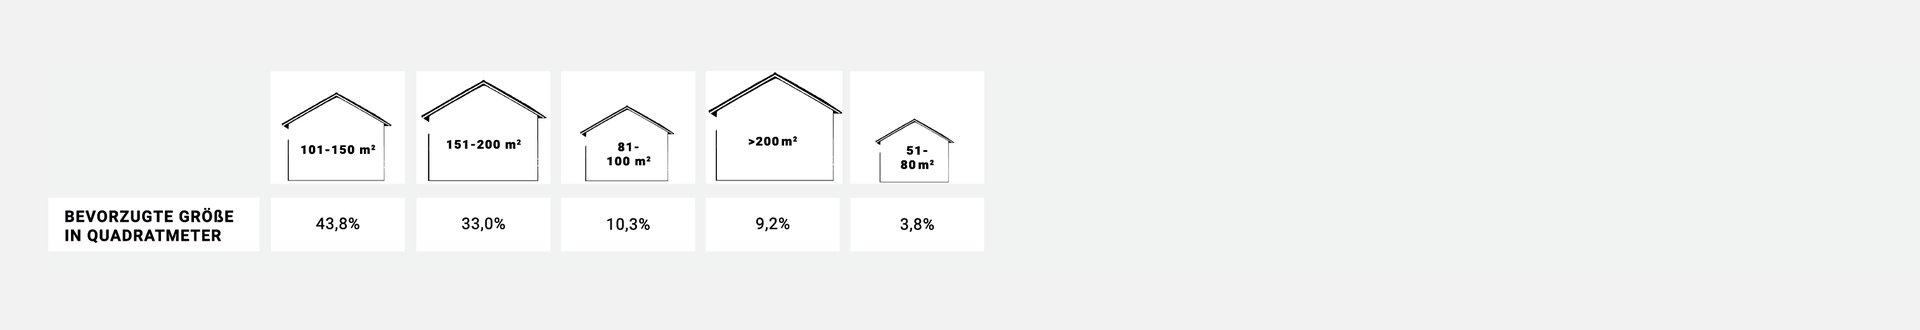 Traumimmobilie: Größe